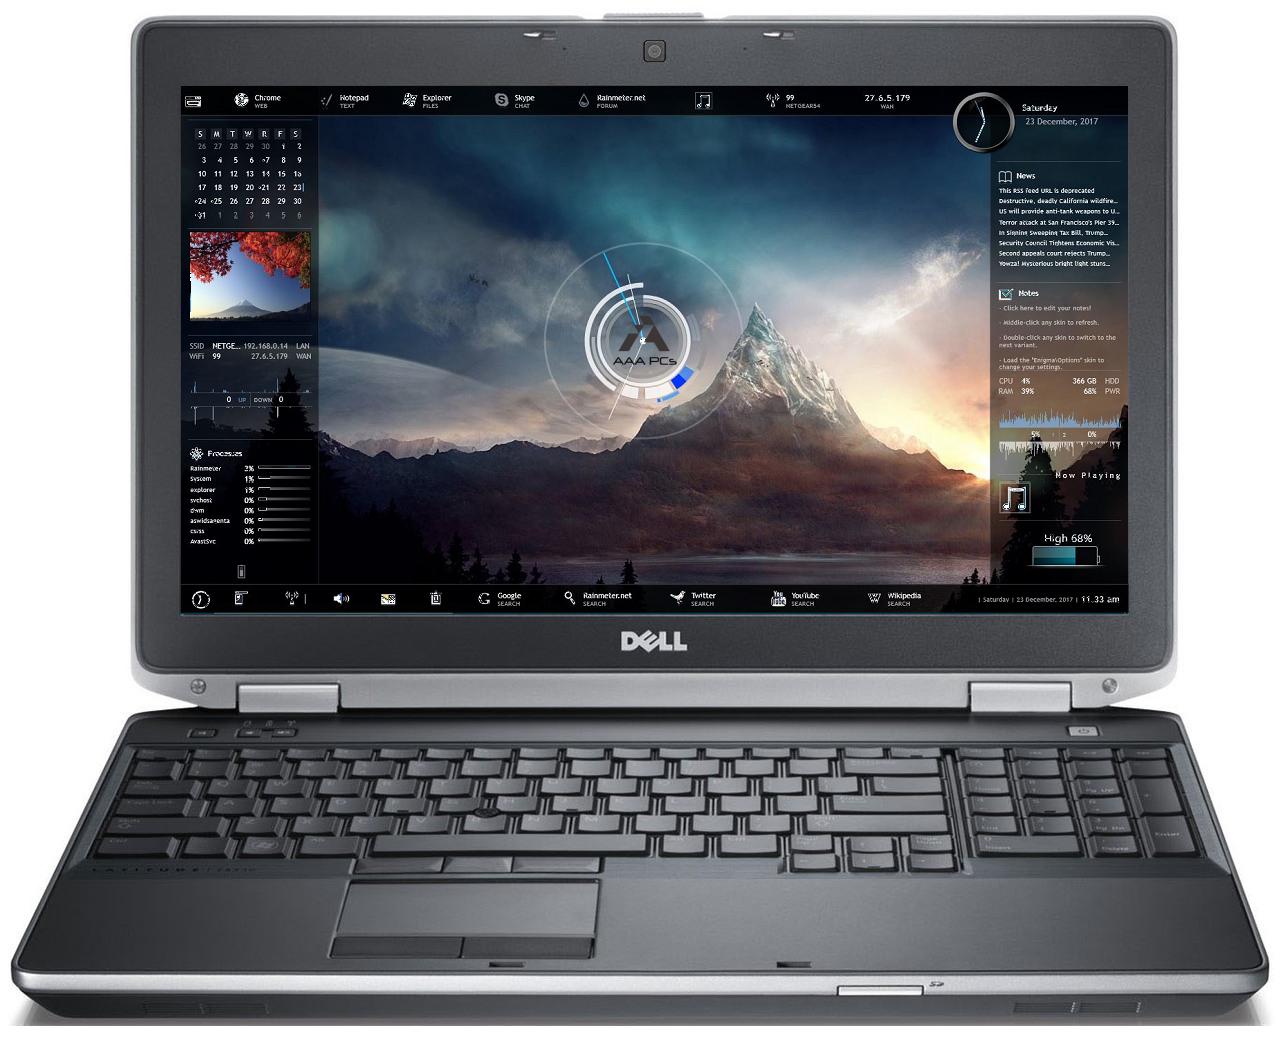 """Laptop Windows - 15.6"""" Dell Latitude Intel Core i5 3.30GHz 16GB 2TB SSD Win10 Pro HDMI Webcam DVD"""